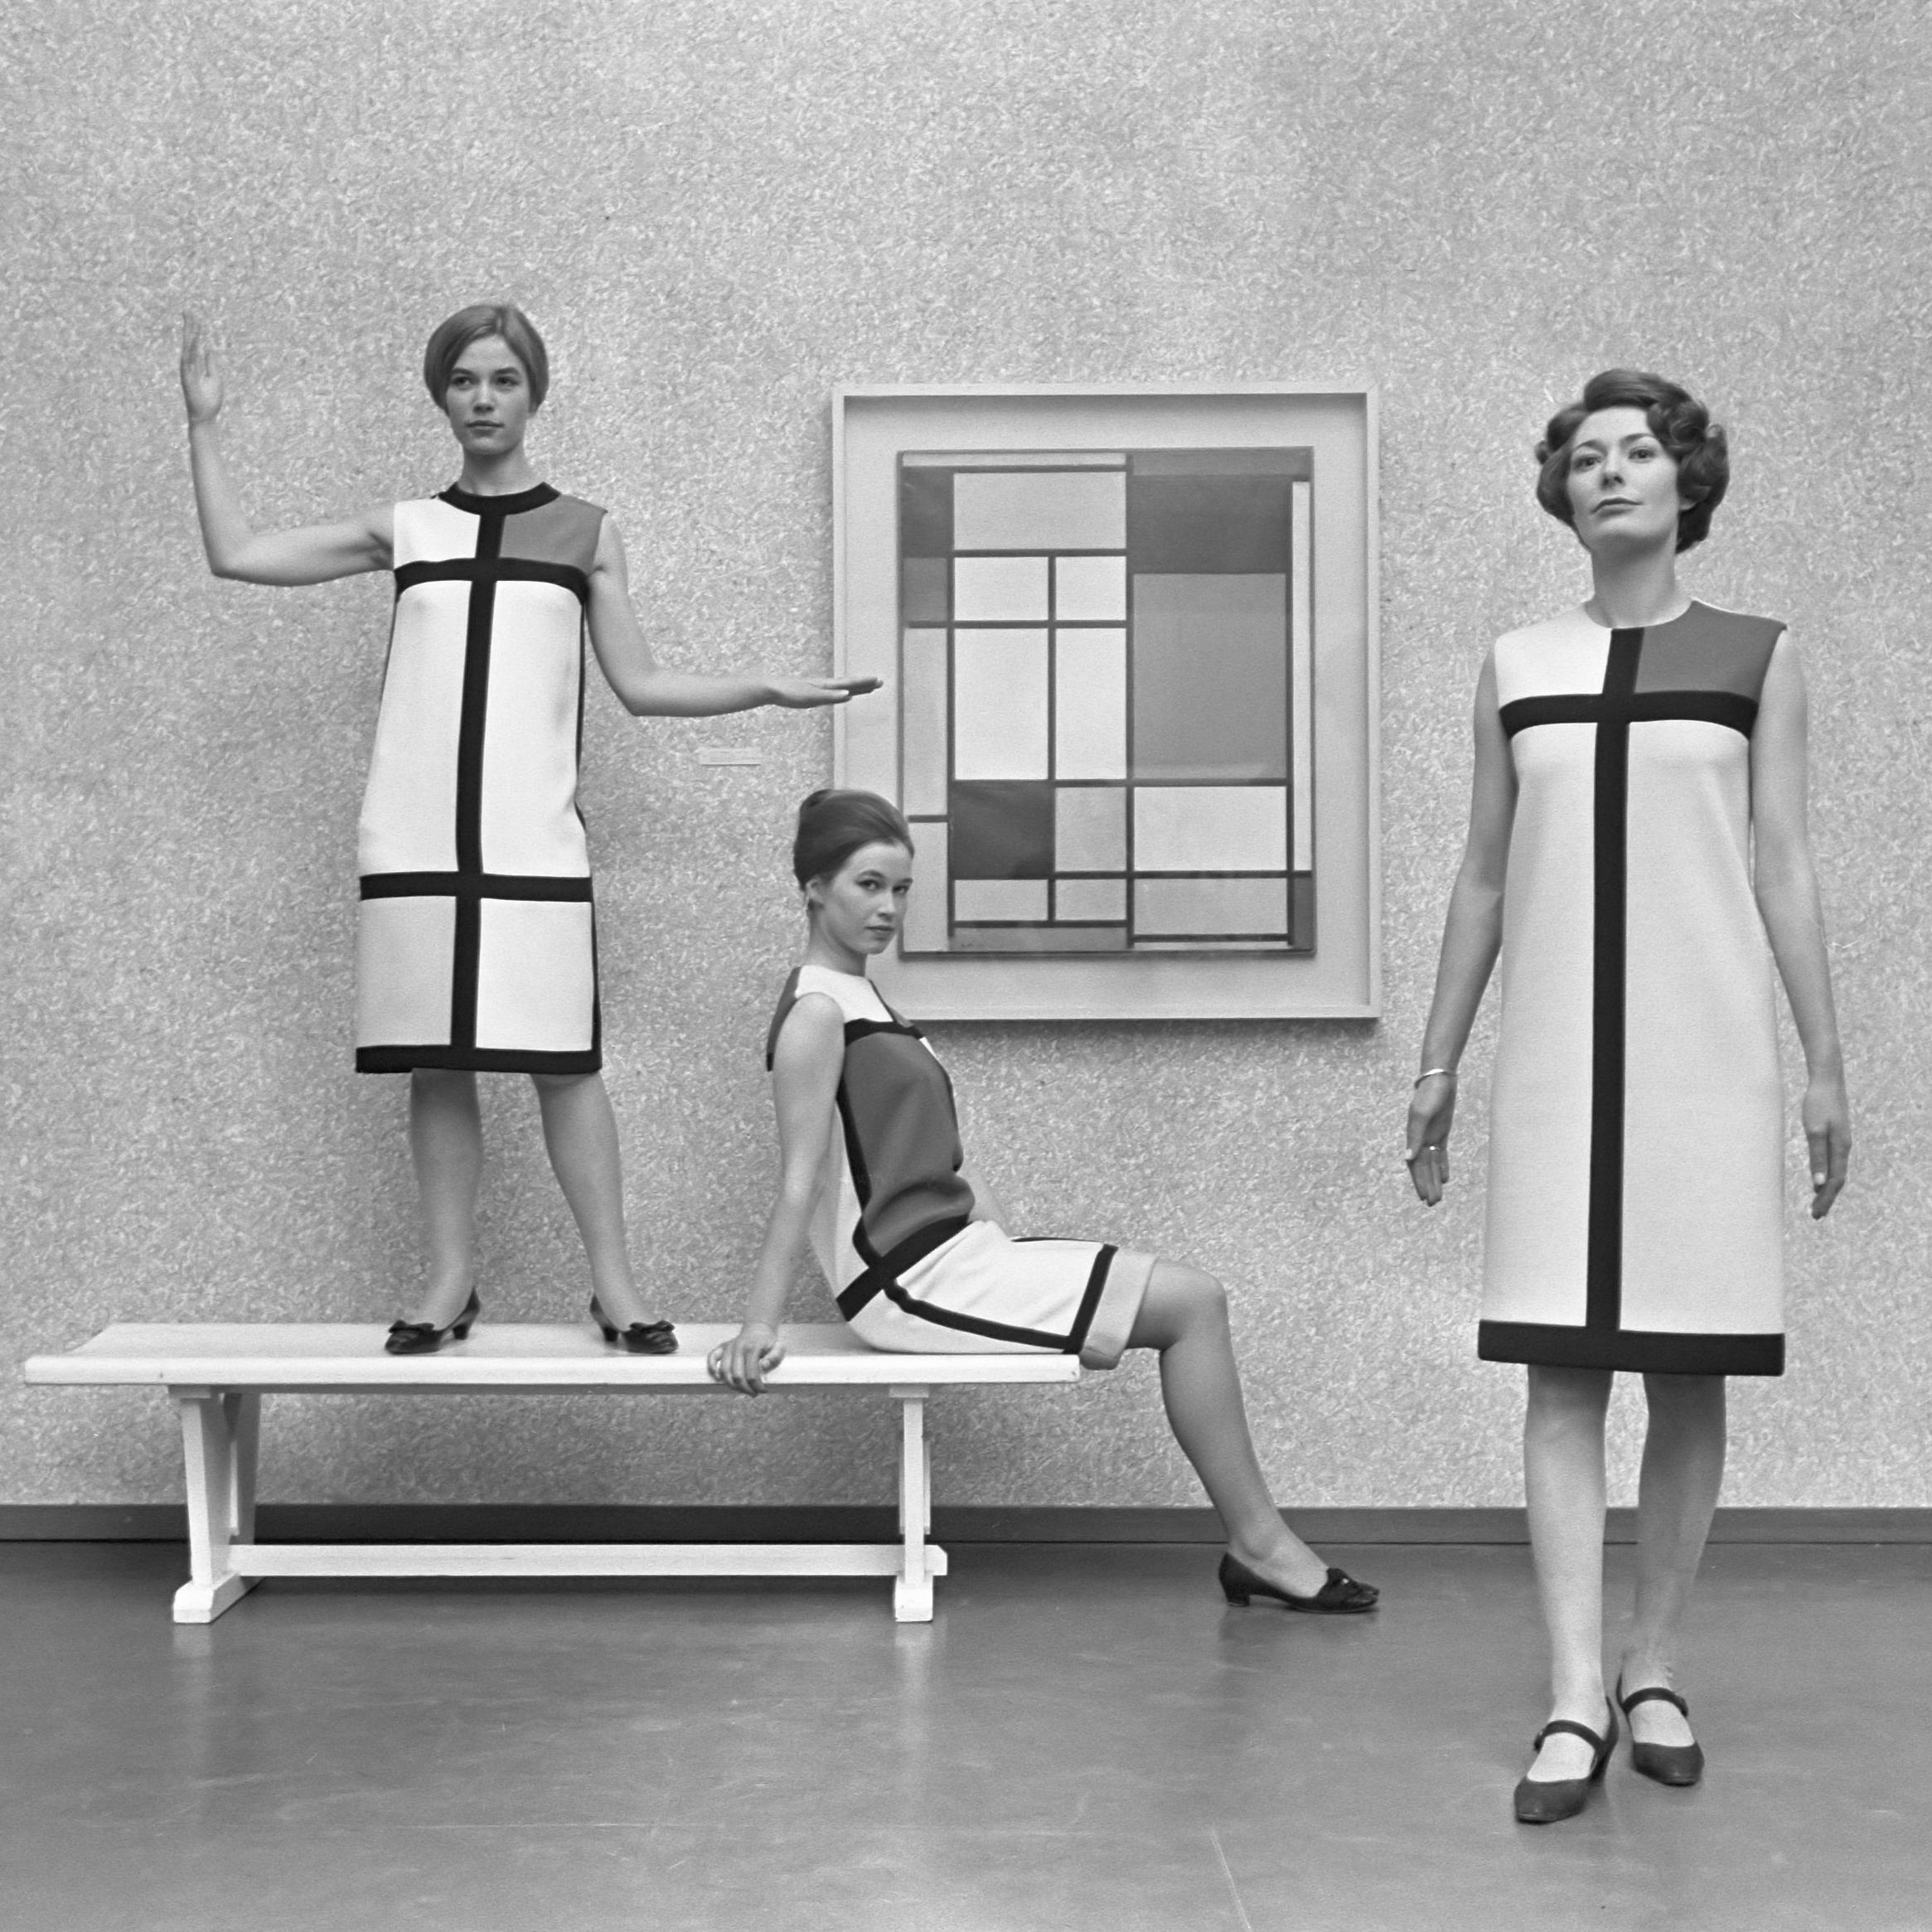 """Kolekcja """"Mondrian"""", Yves Saint Laurent, 1965 Zdjęcie z wystawy Mondriana w Gemeentemuseum w Hadze w 1966 r. Źródło: www.wikipedia.org"""